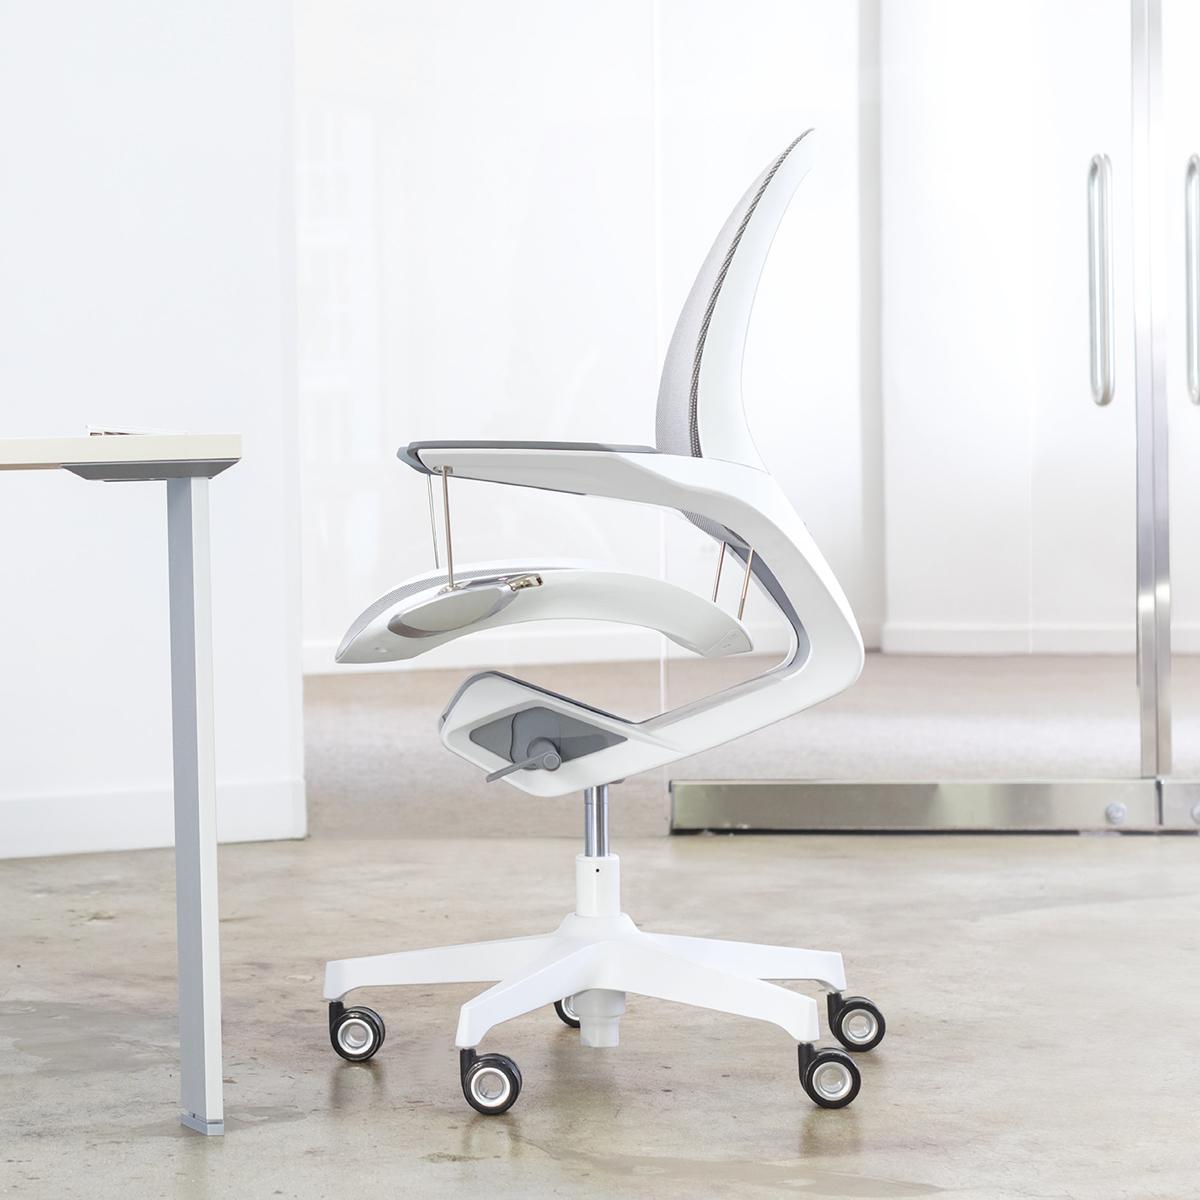 耐荷重130kgの頑丈構造で安心。意識しないで、いつでも「気持ちいい仕事姿勢」が続く!座面が動くワーキングチェア|Elea Chair